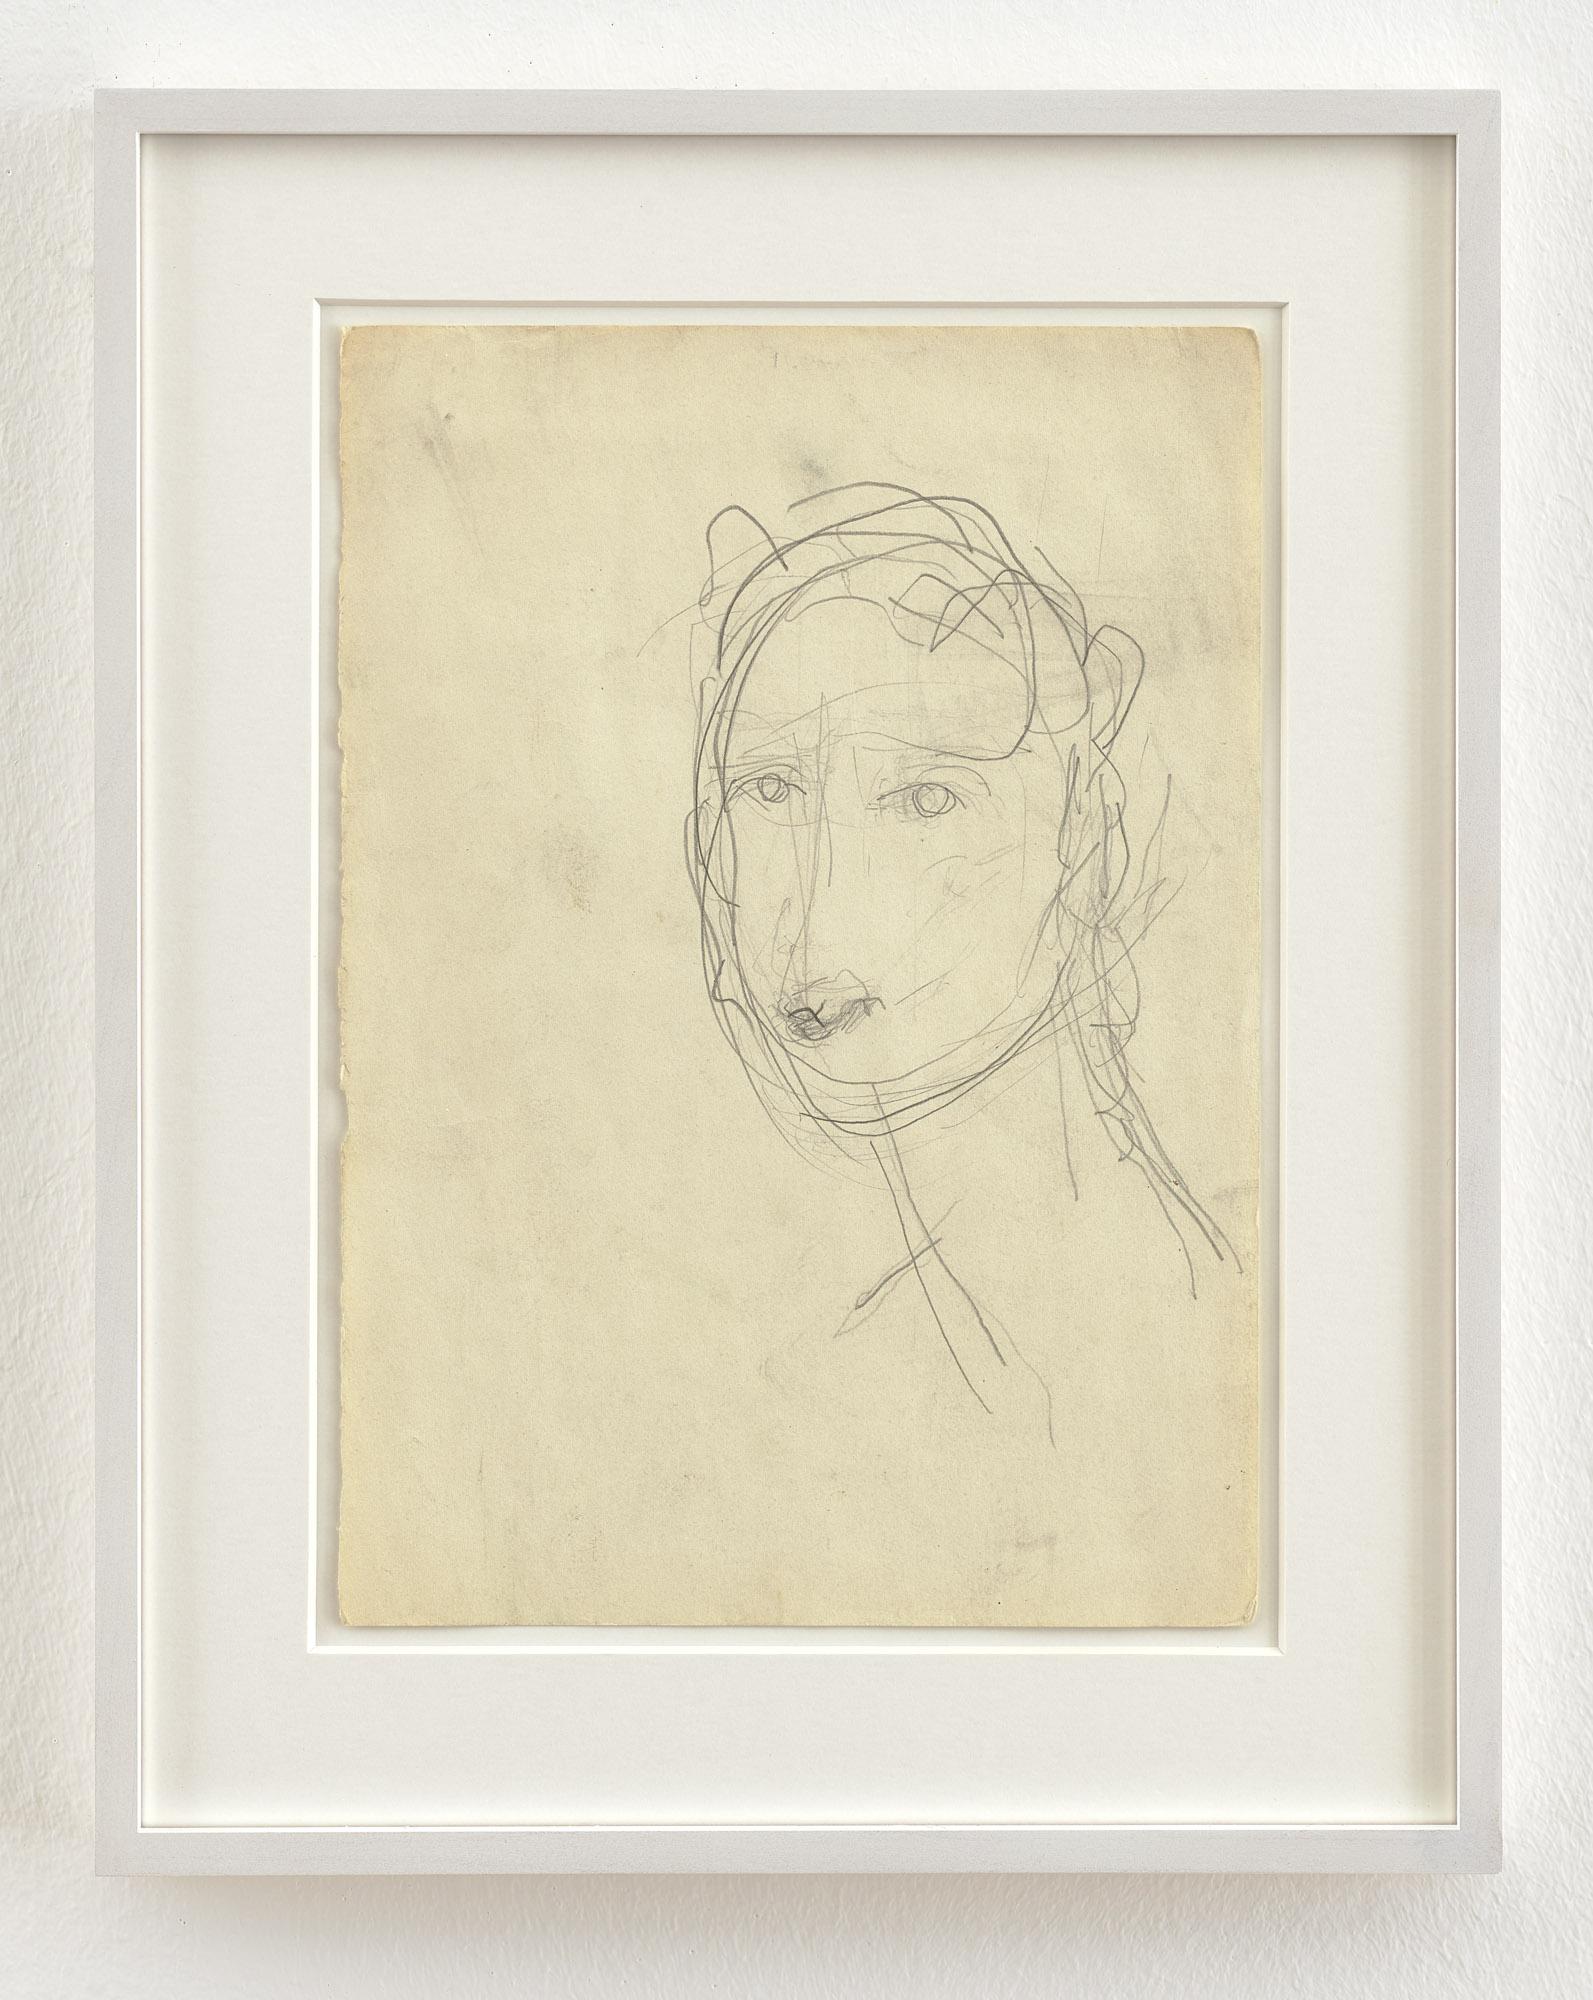 Clara Schumann I | 1999-2000 | Bleistift auf Papier | 29 x 21 cm